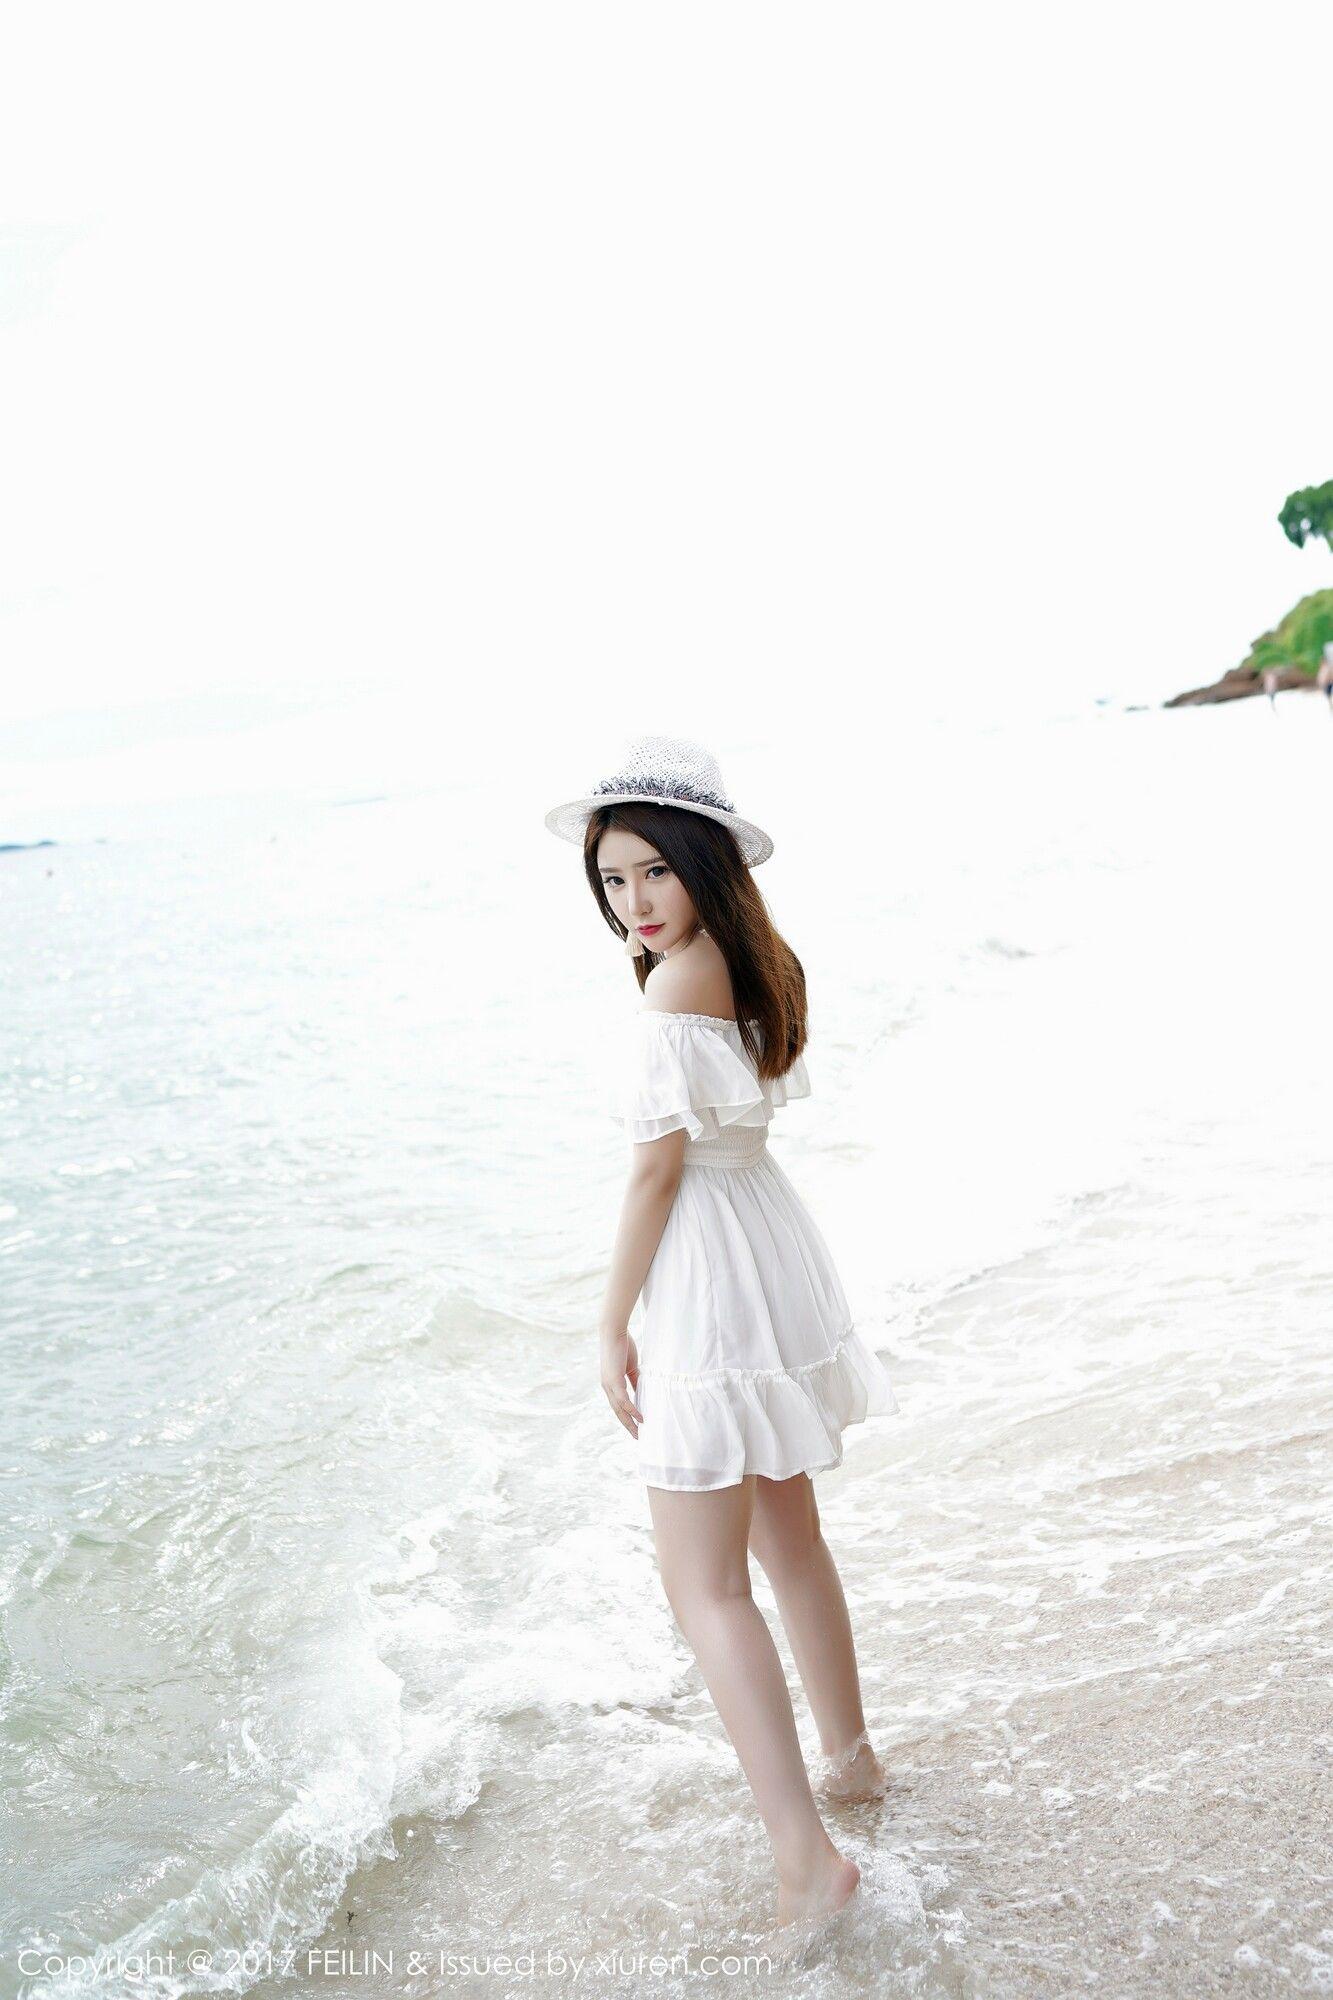 芷儿Momoko - 美女主播写真套图